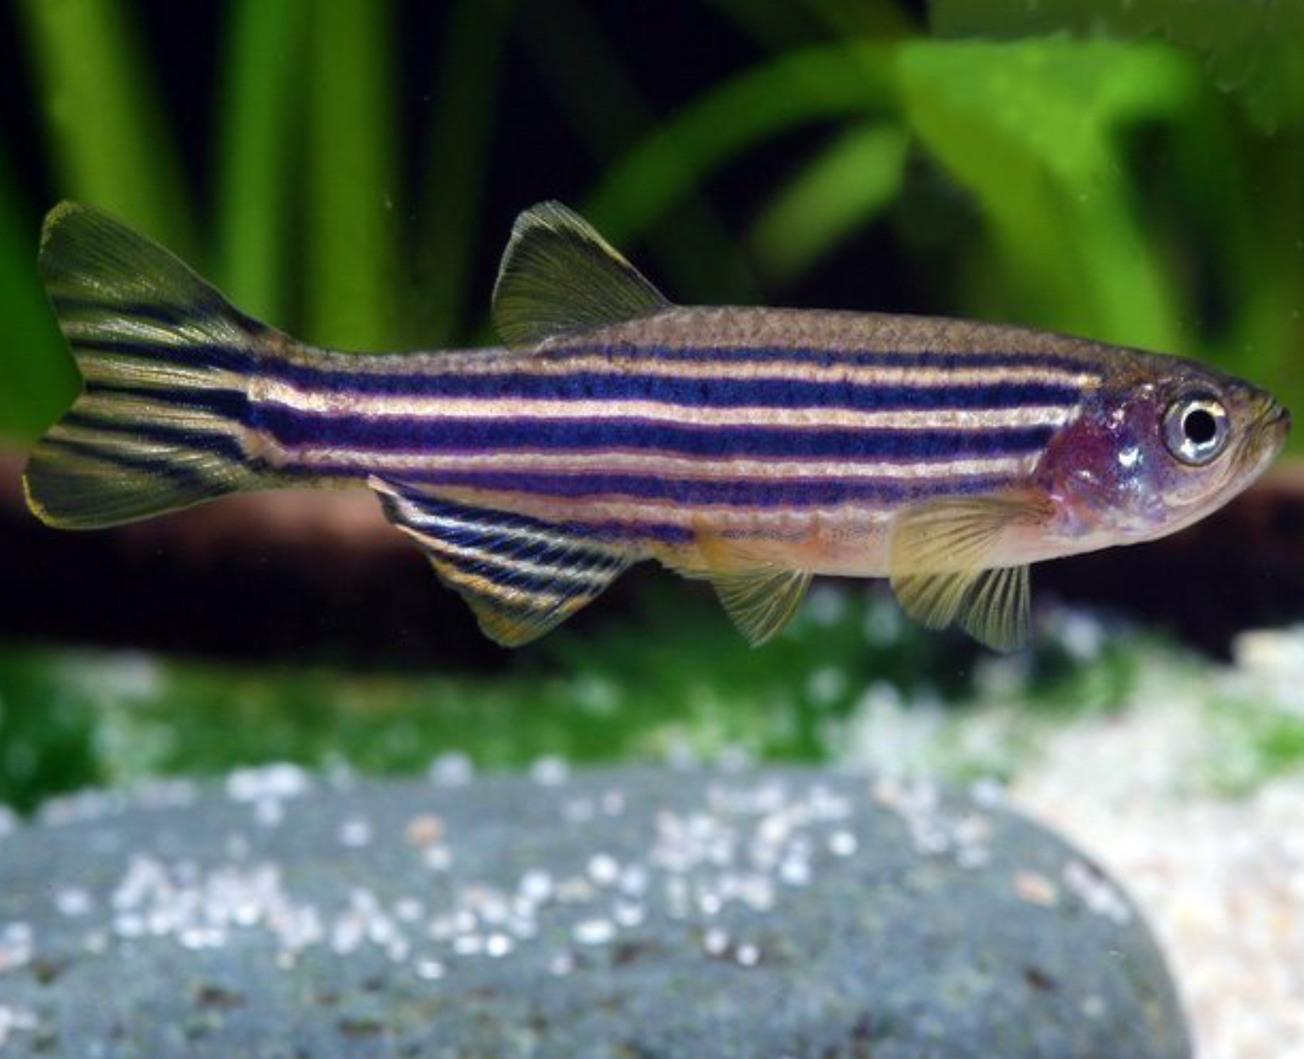 zebra danio (it's the most used fish in laboratories) - meme